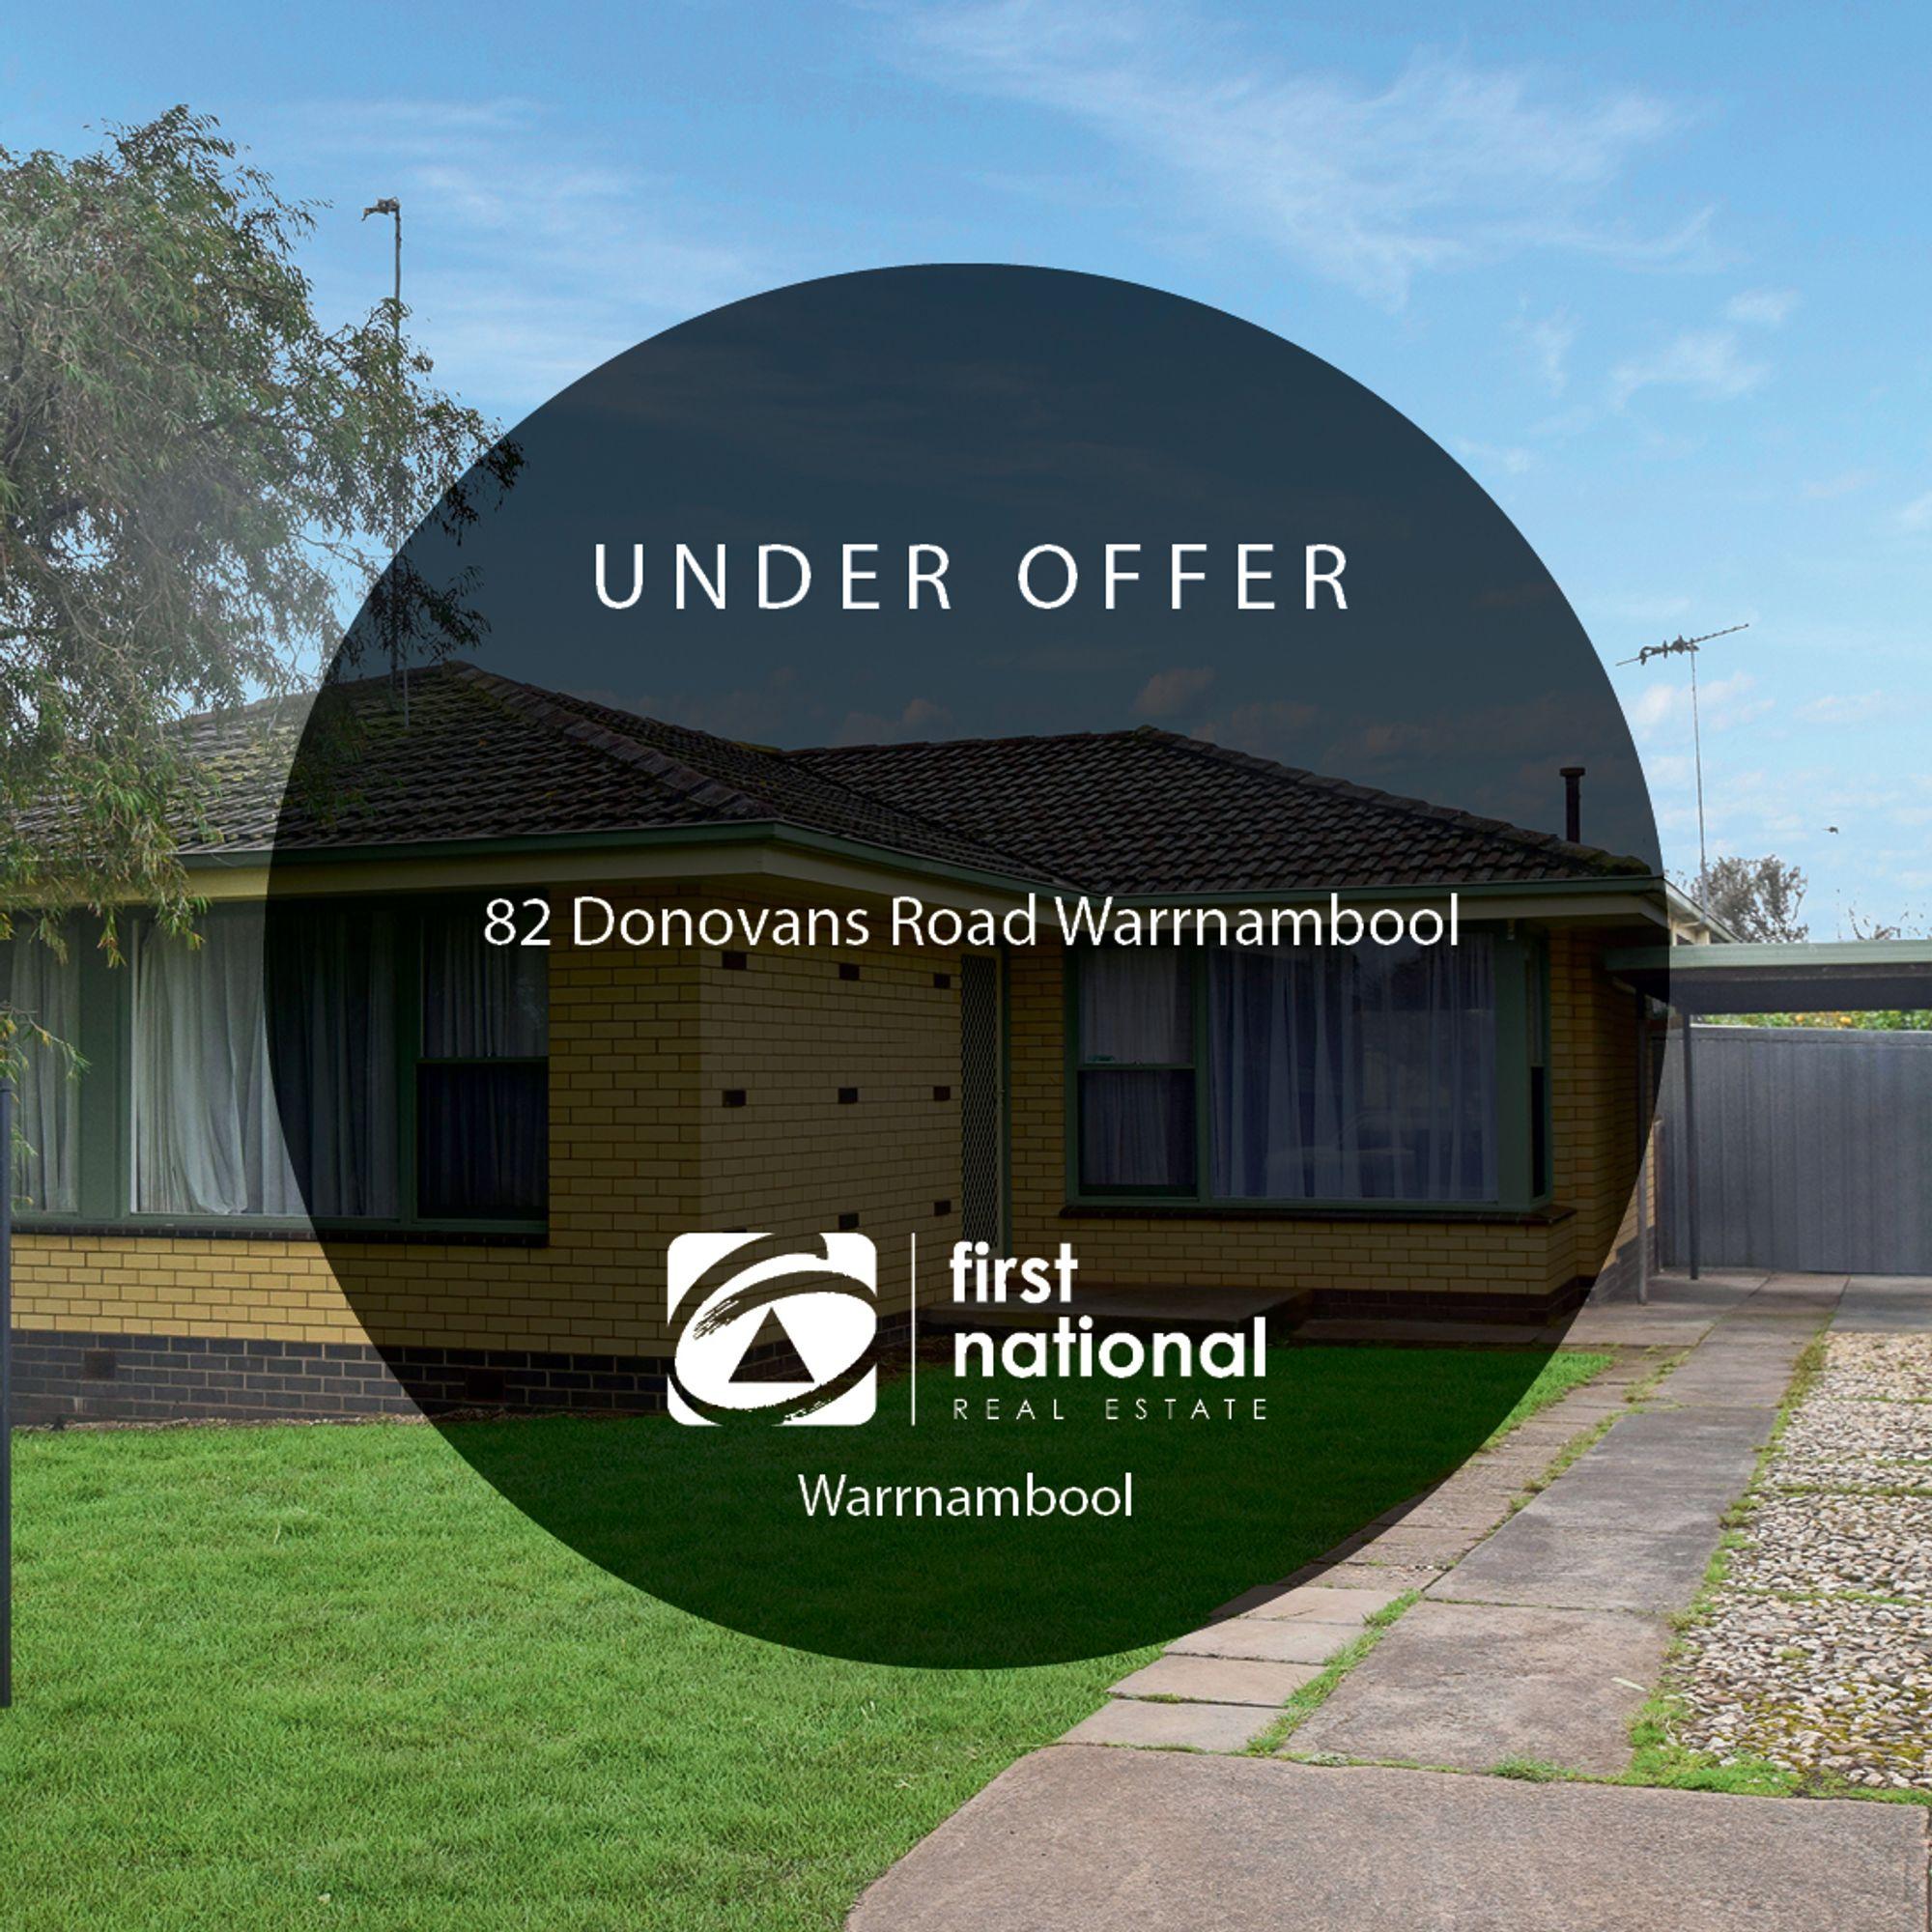 82 Donovans Road, Warrnambool, VIC 3280